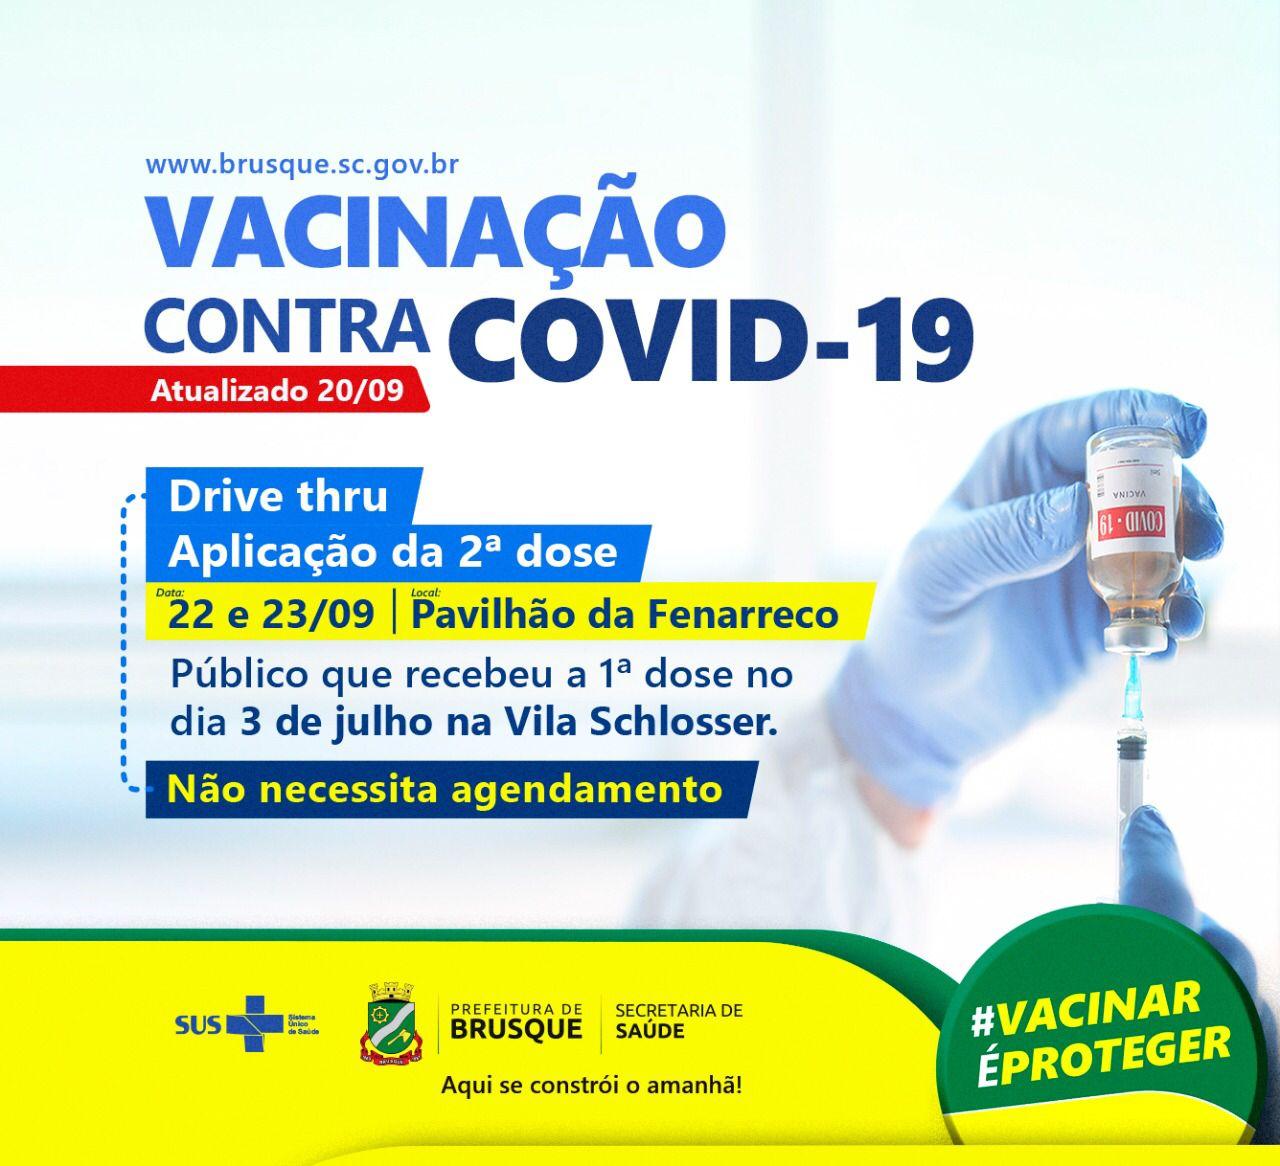 Covid-19: Drive thru para aplicação da segunda dose será realizado nos dia 22 e 23 de setembro